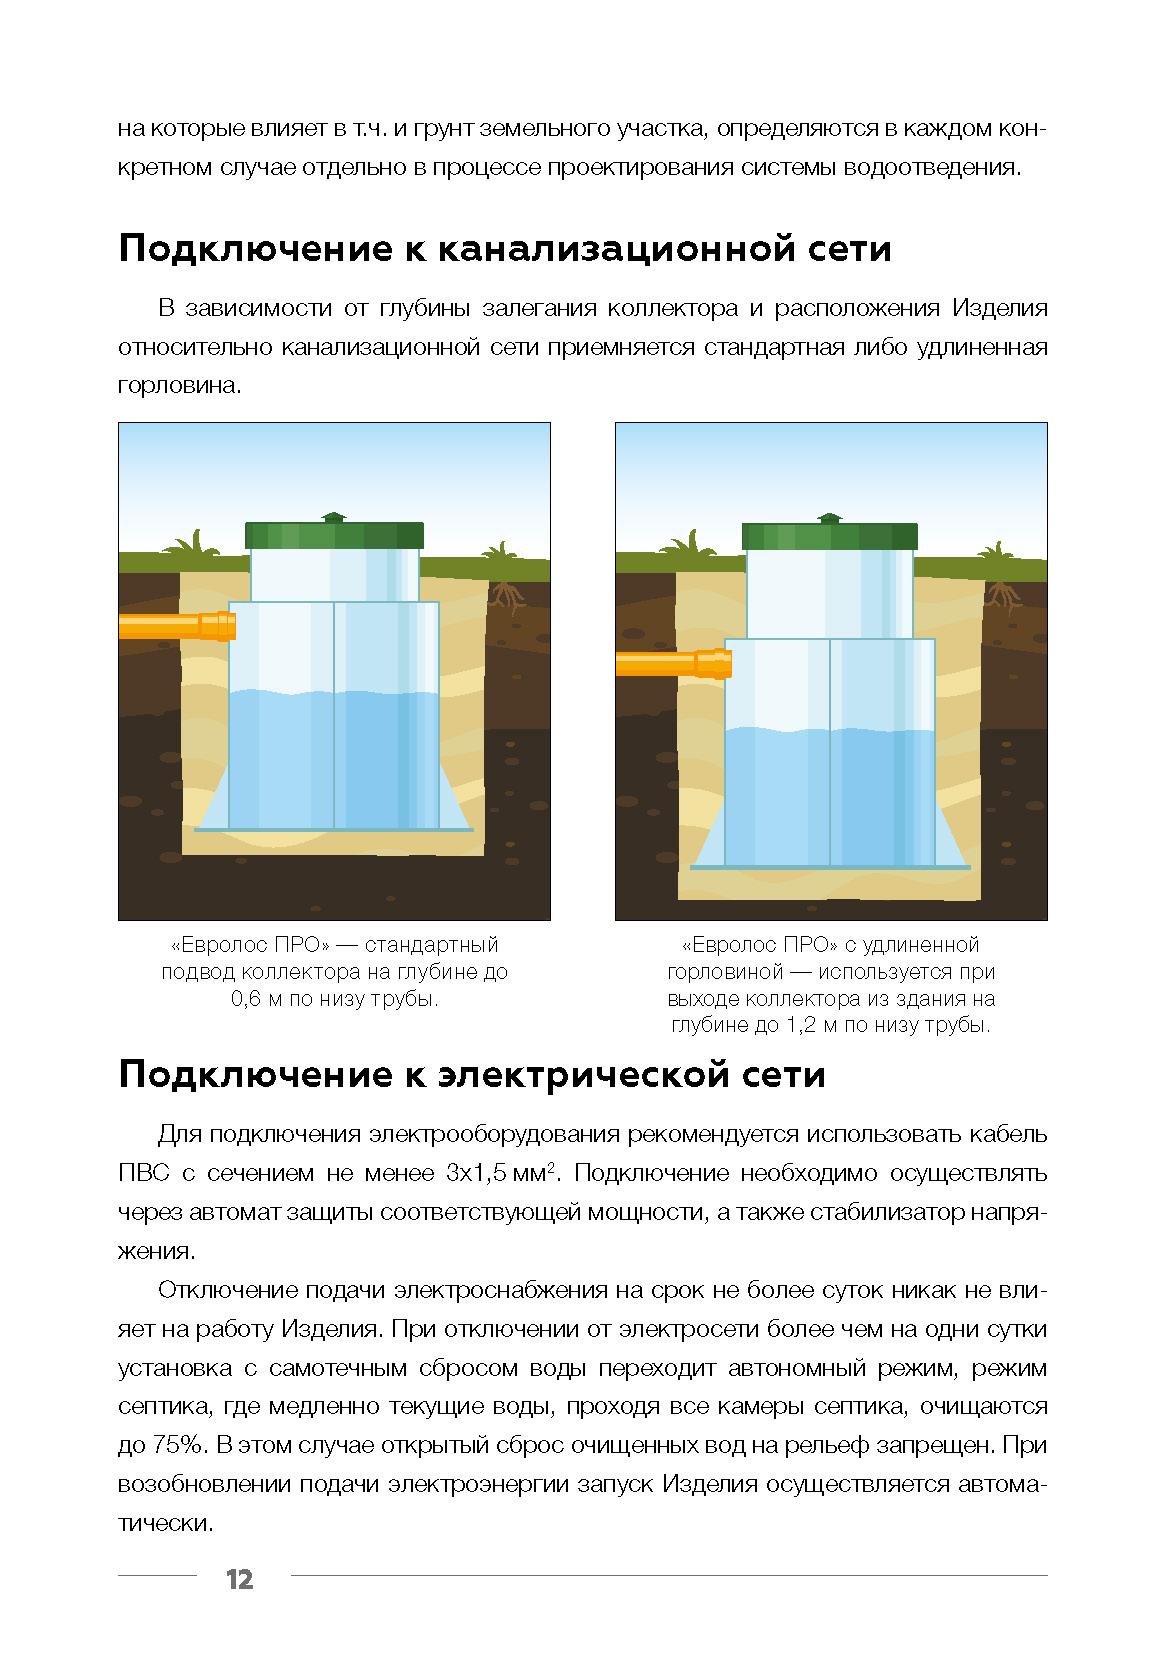 Технический паспорт Евролос Про_Страница_14